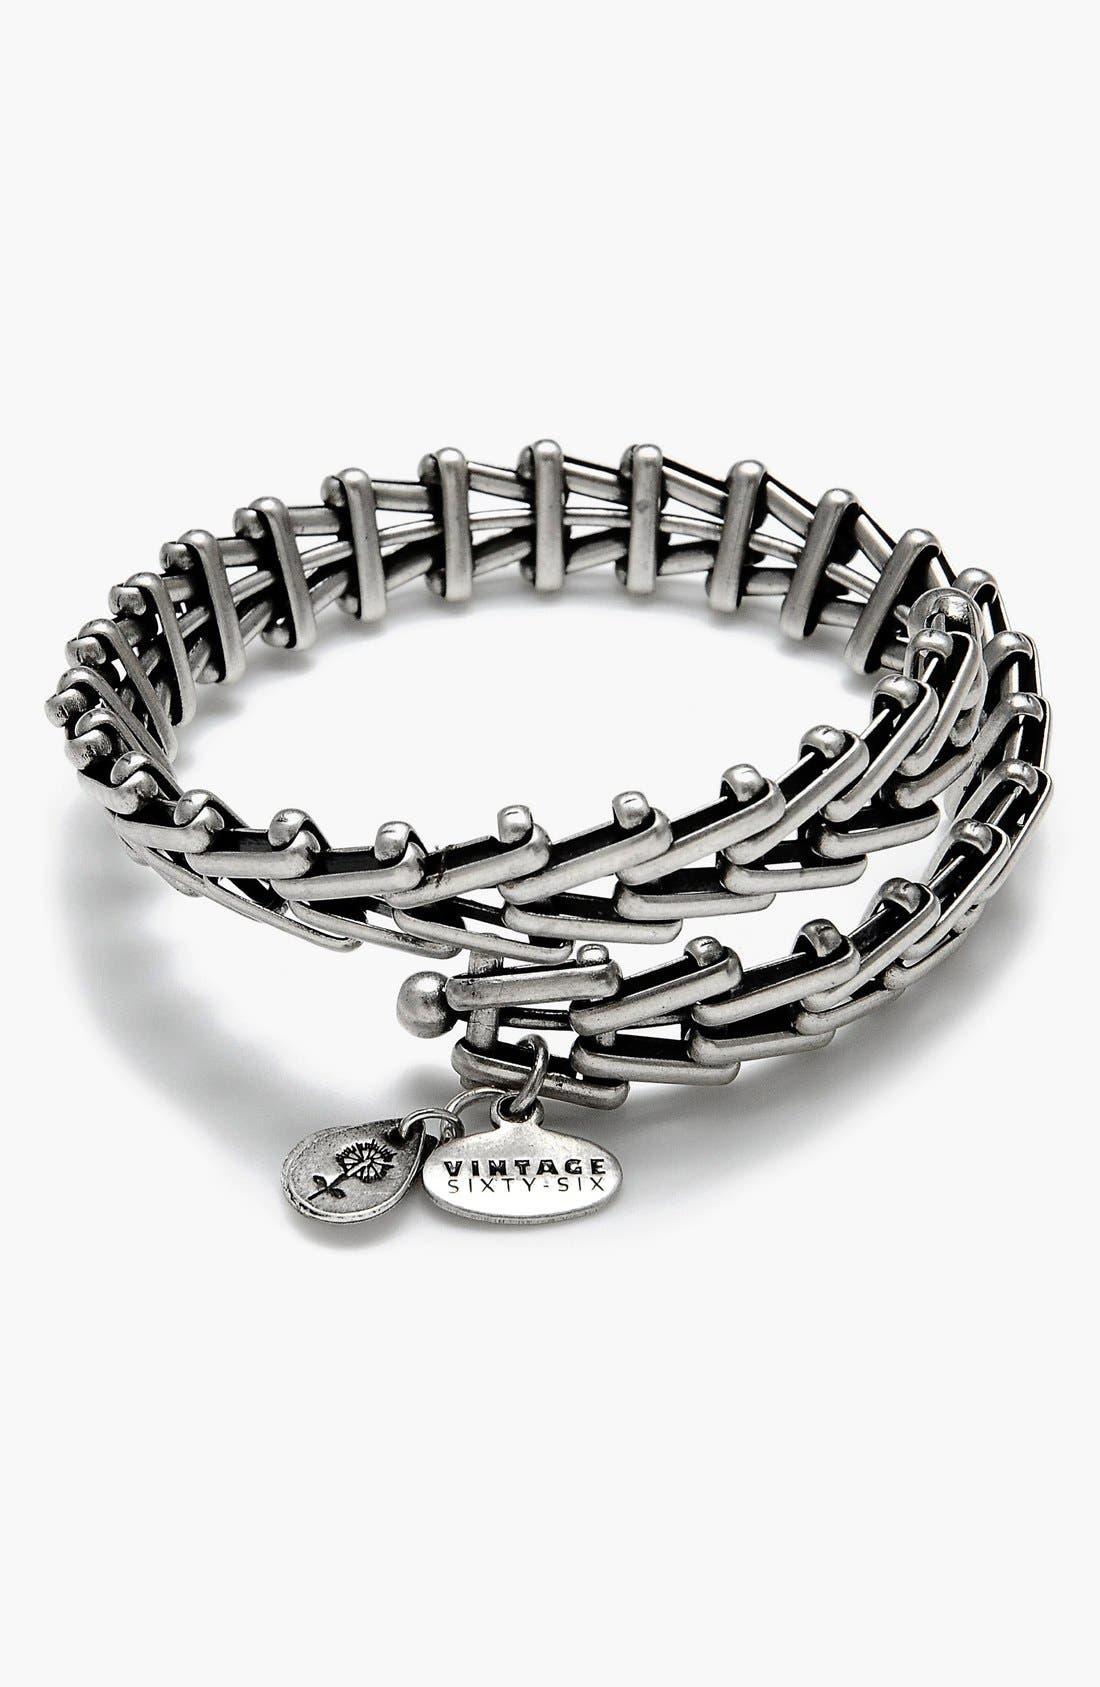 Main Image - Alex and Ani 'Gypsy 66' Wrap Bracelet